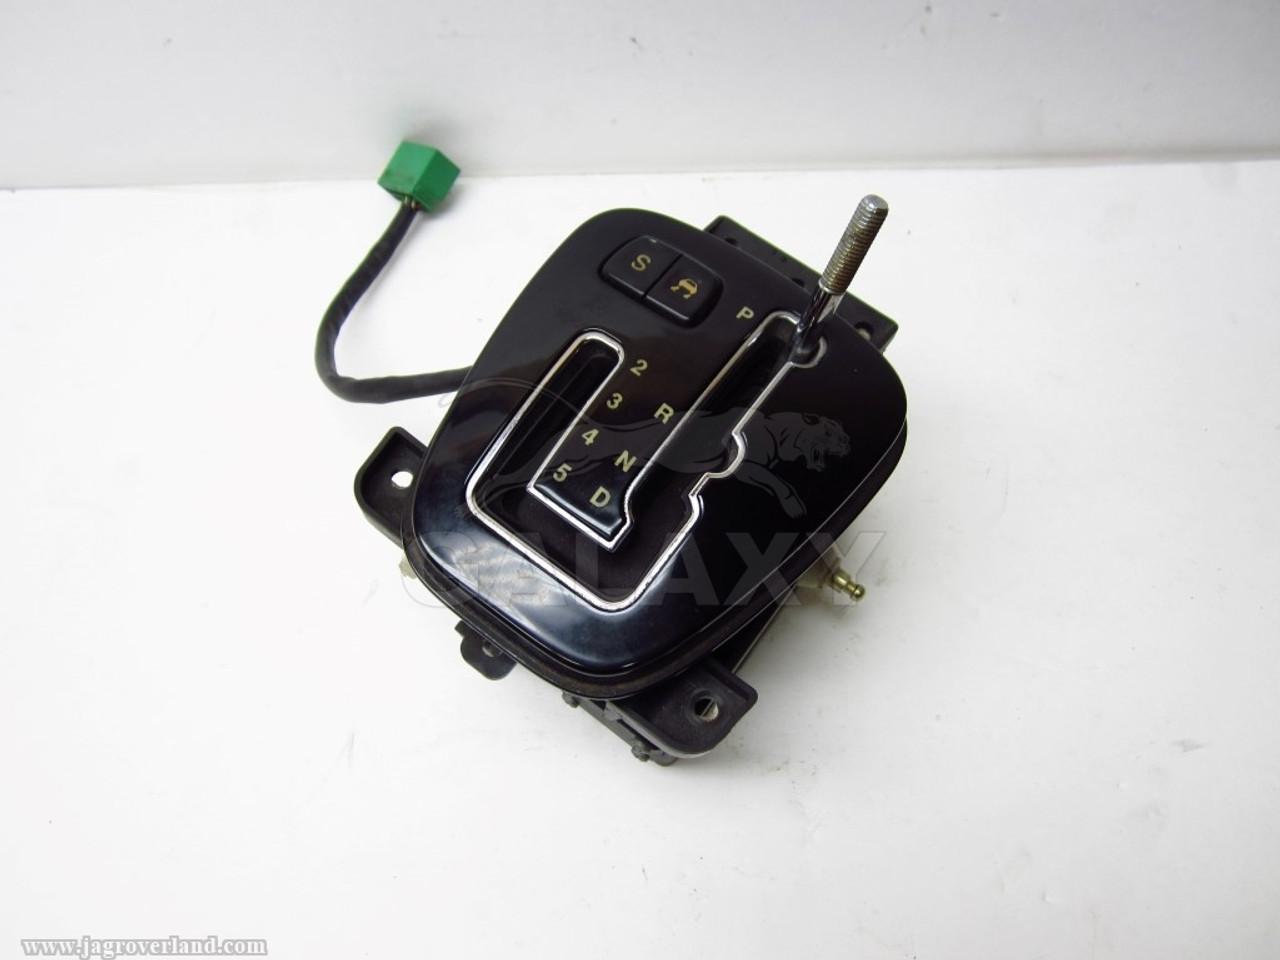 04-07 Xj8 Floor Shifter Gear Selector Indicator Module 2W93-7K004-Ak  C2C36038